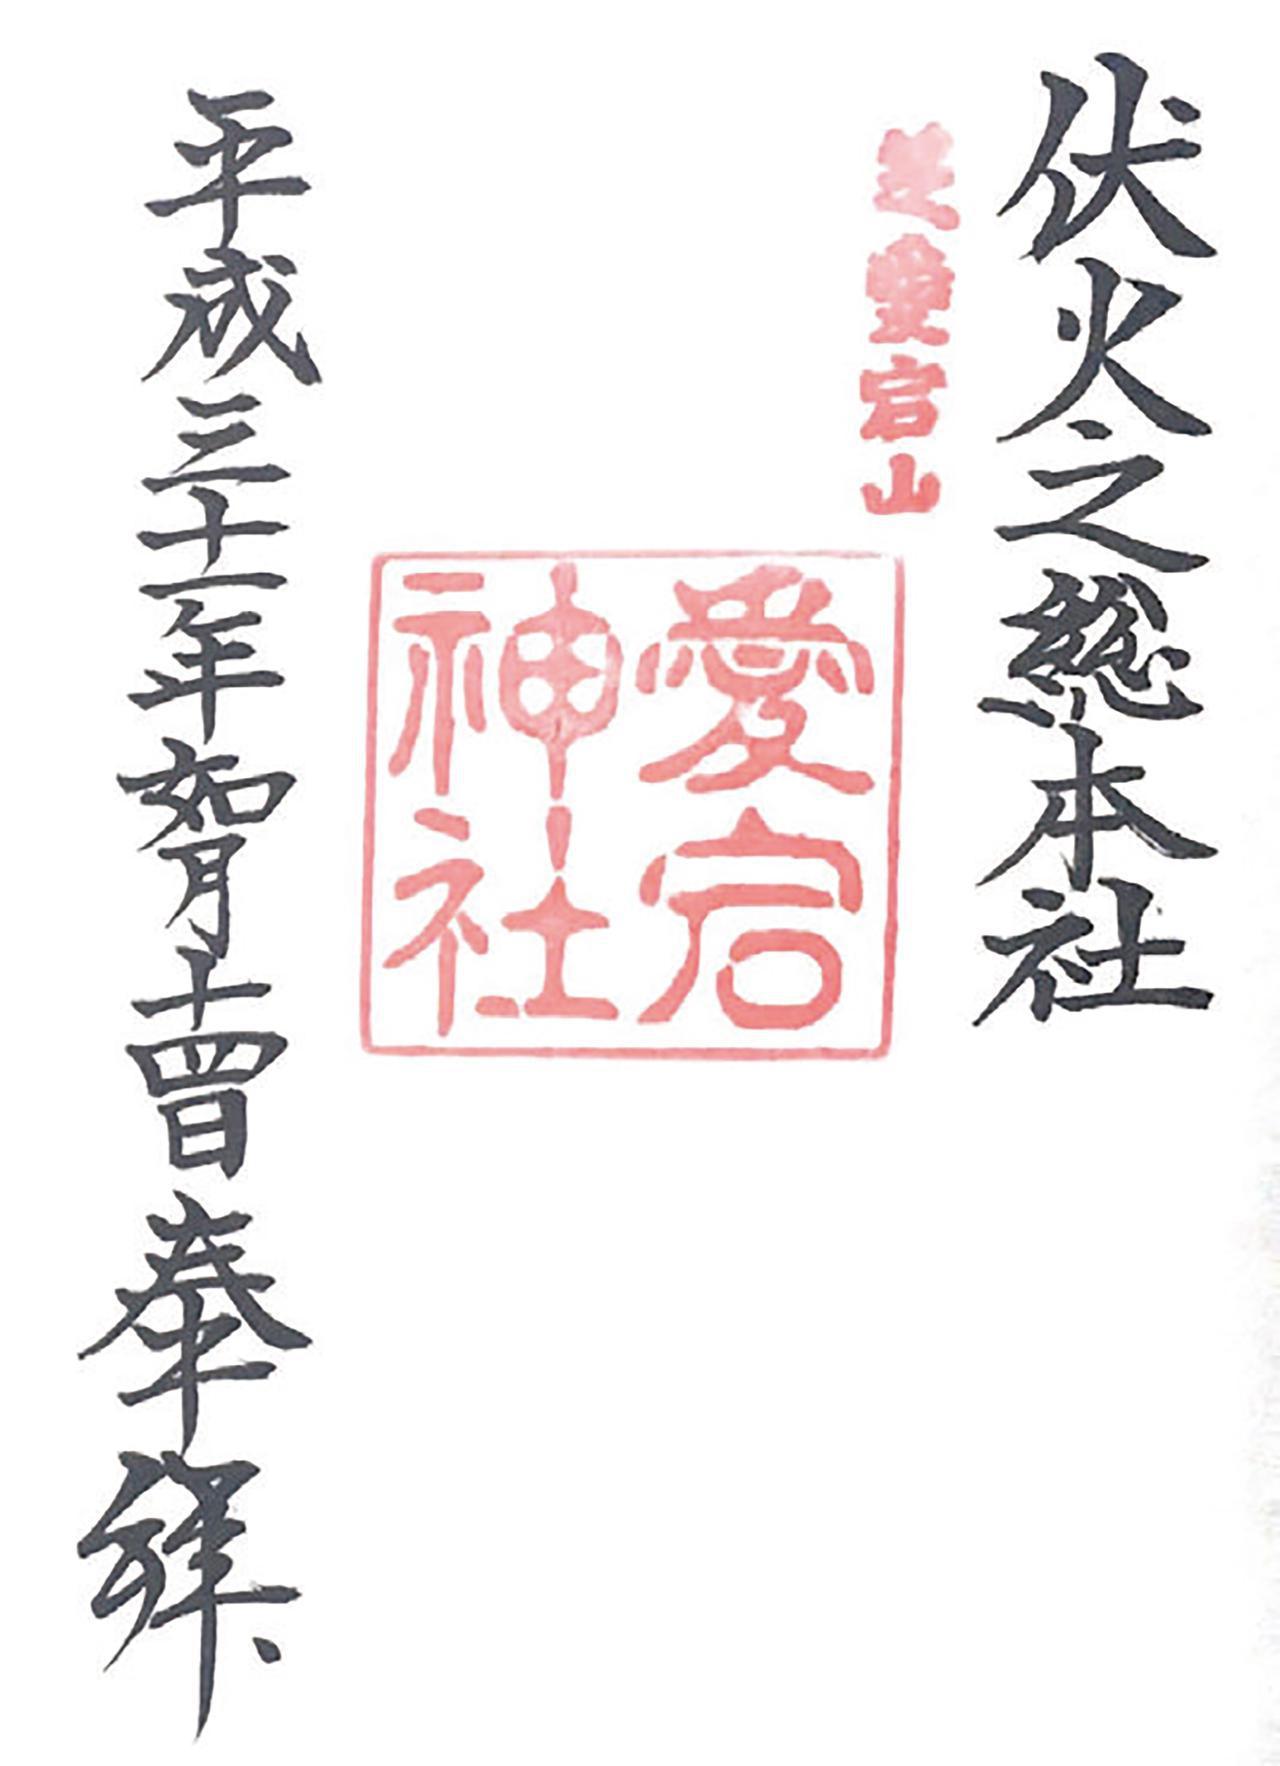 画像: 火に関係が深い愛宕神社は、防火・防災に加え、恋の炎を燃やす意味から恋愛に、昔は火によって機械を動かしていたことに関連づけてIT関係などにも御利益があると言われます。